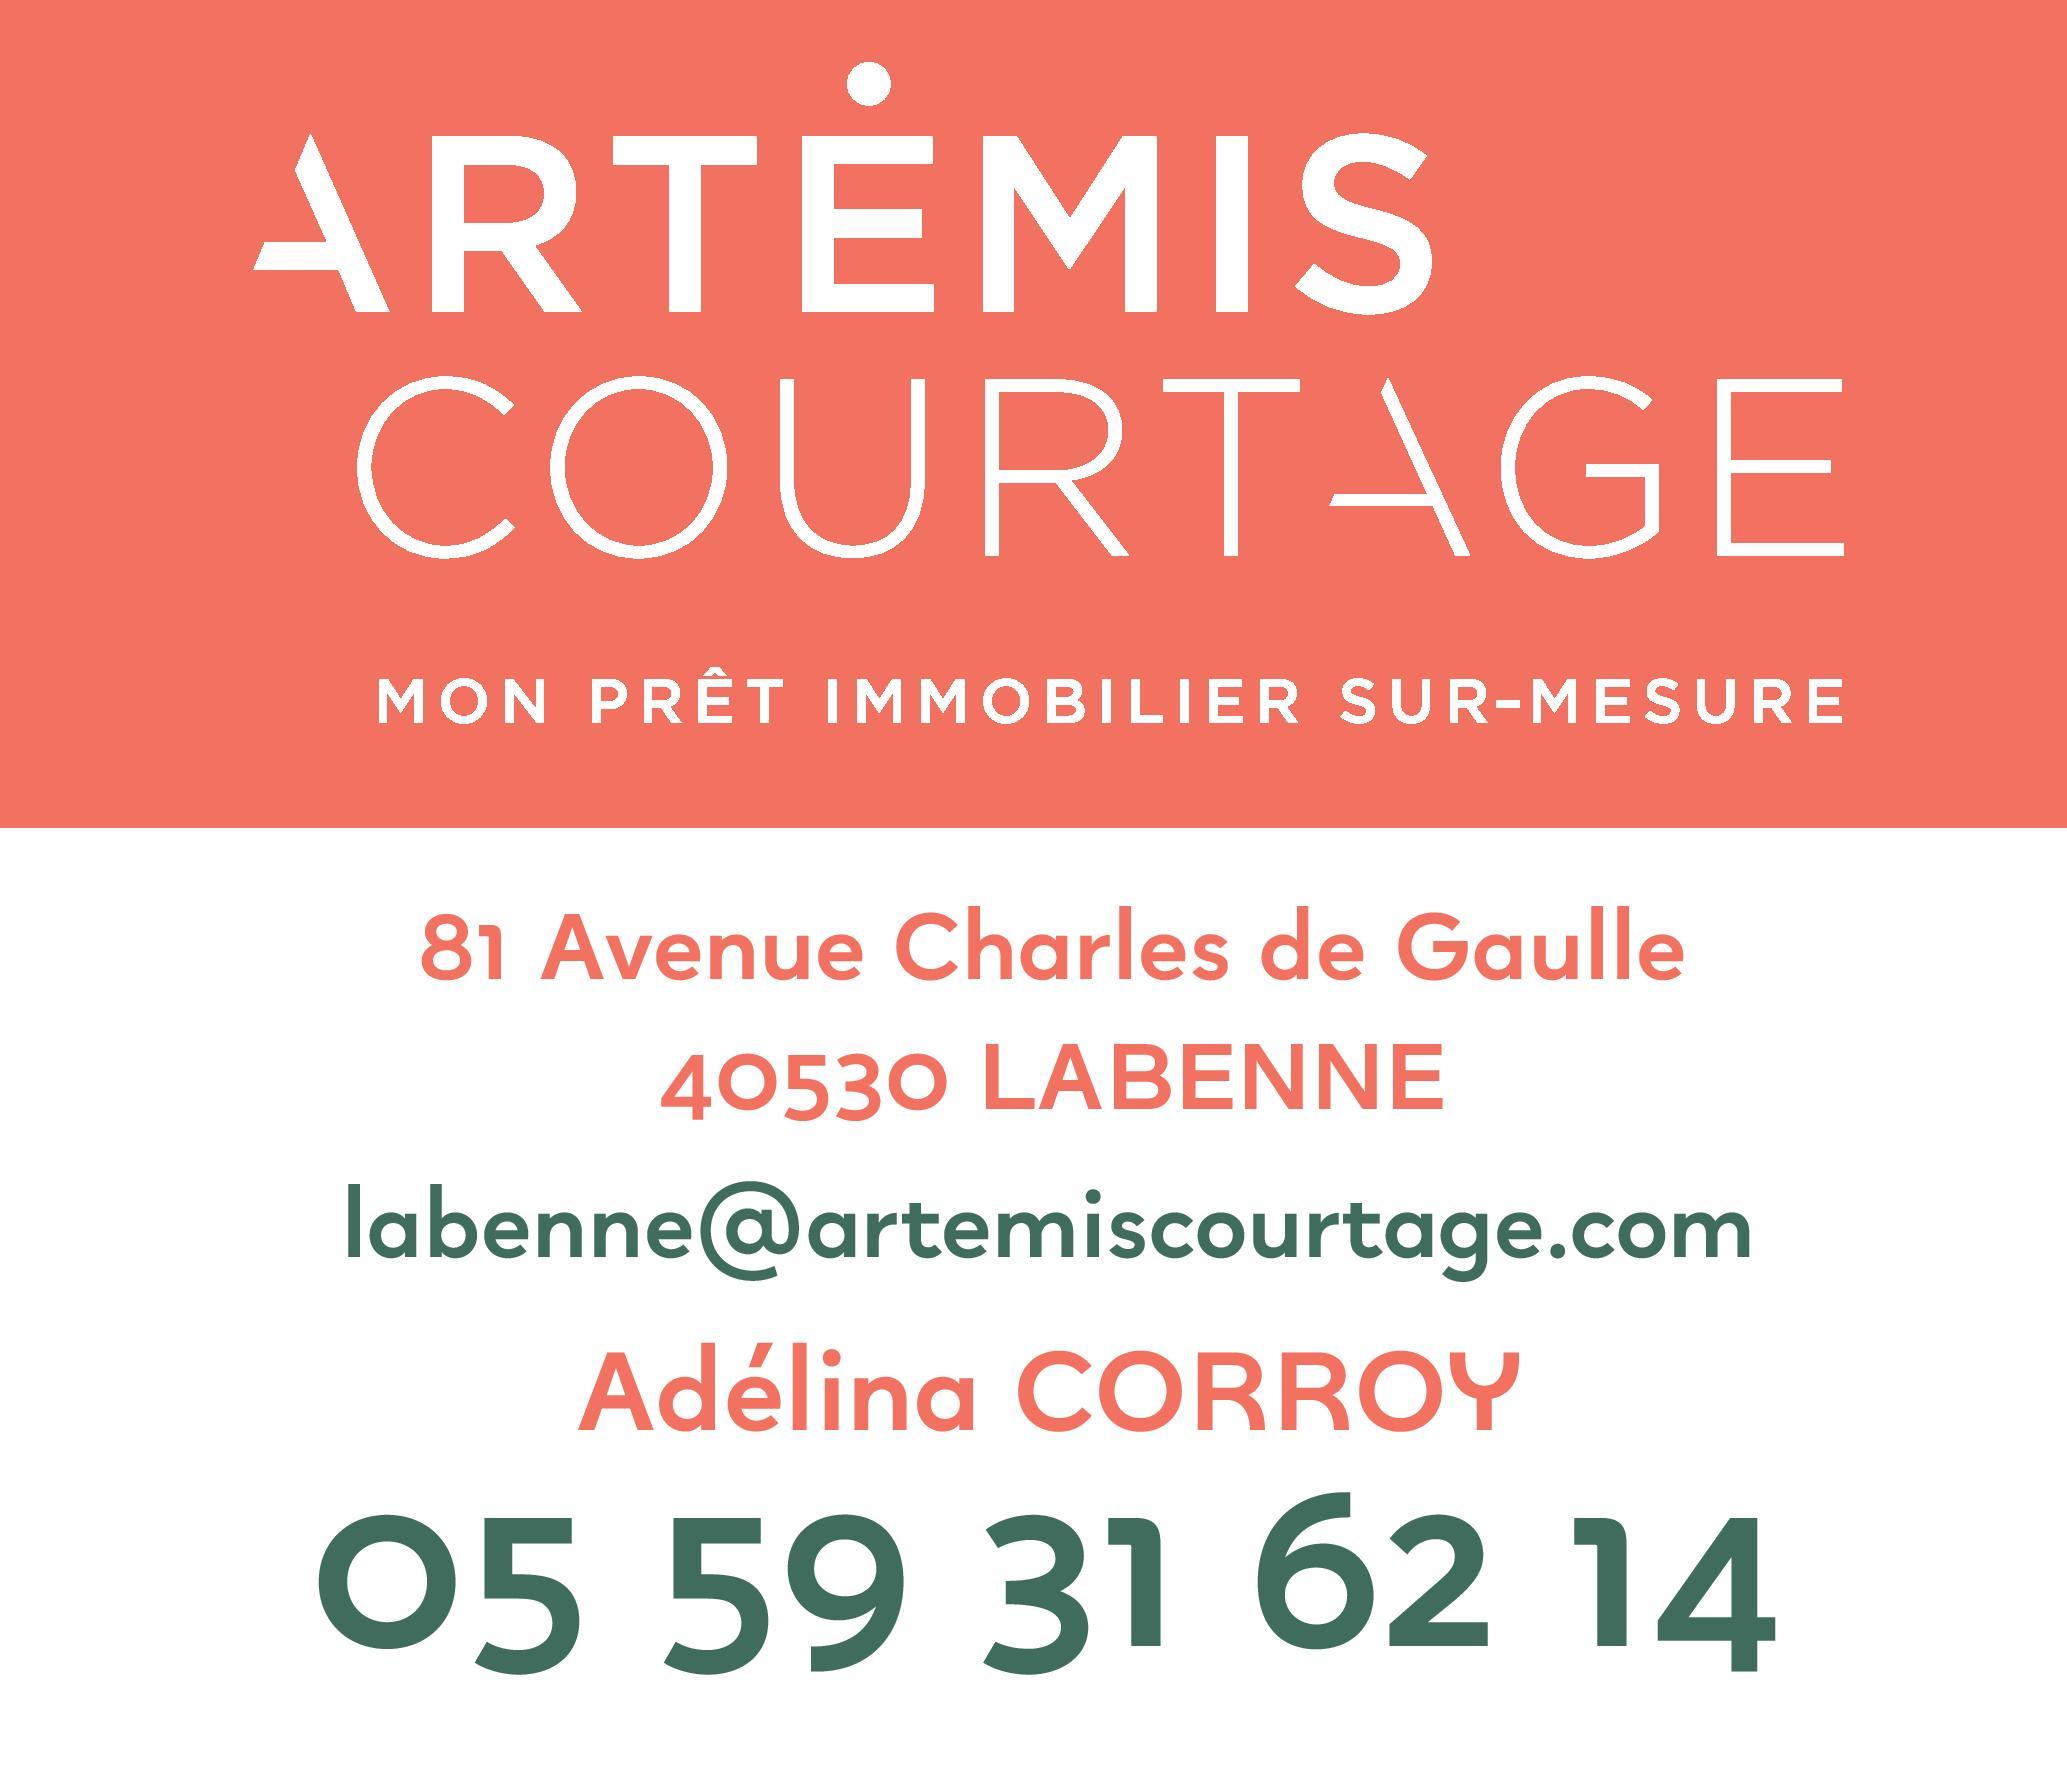 logo partenaire ARTEMIS COURTAGE